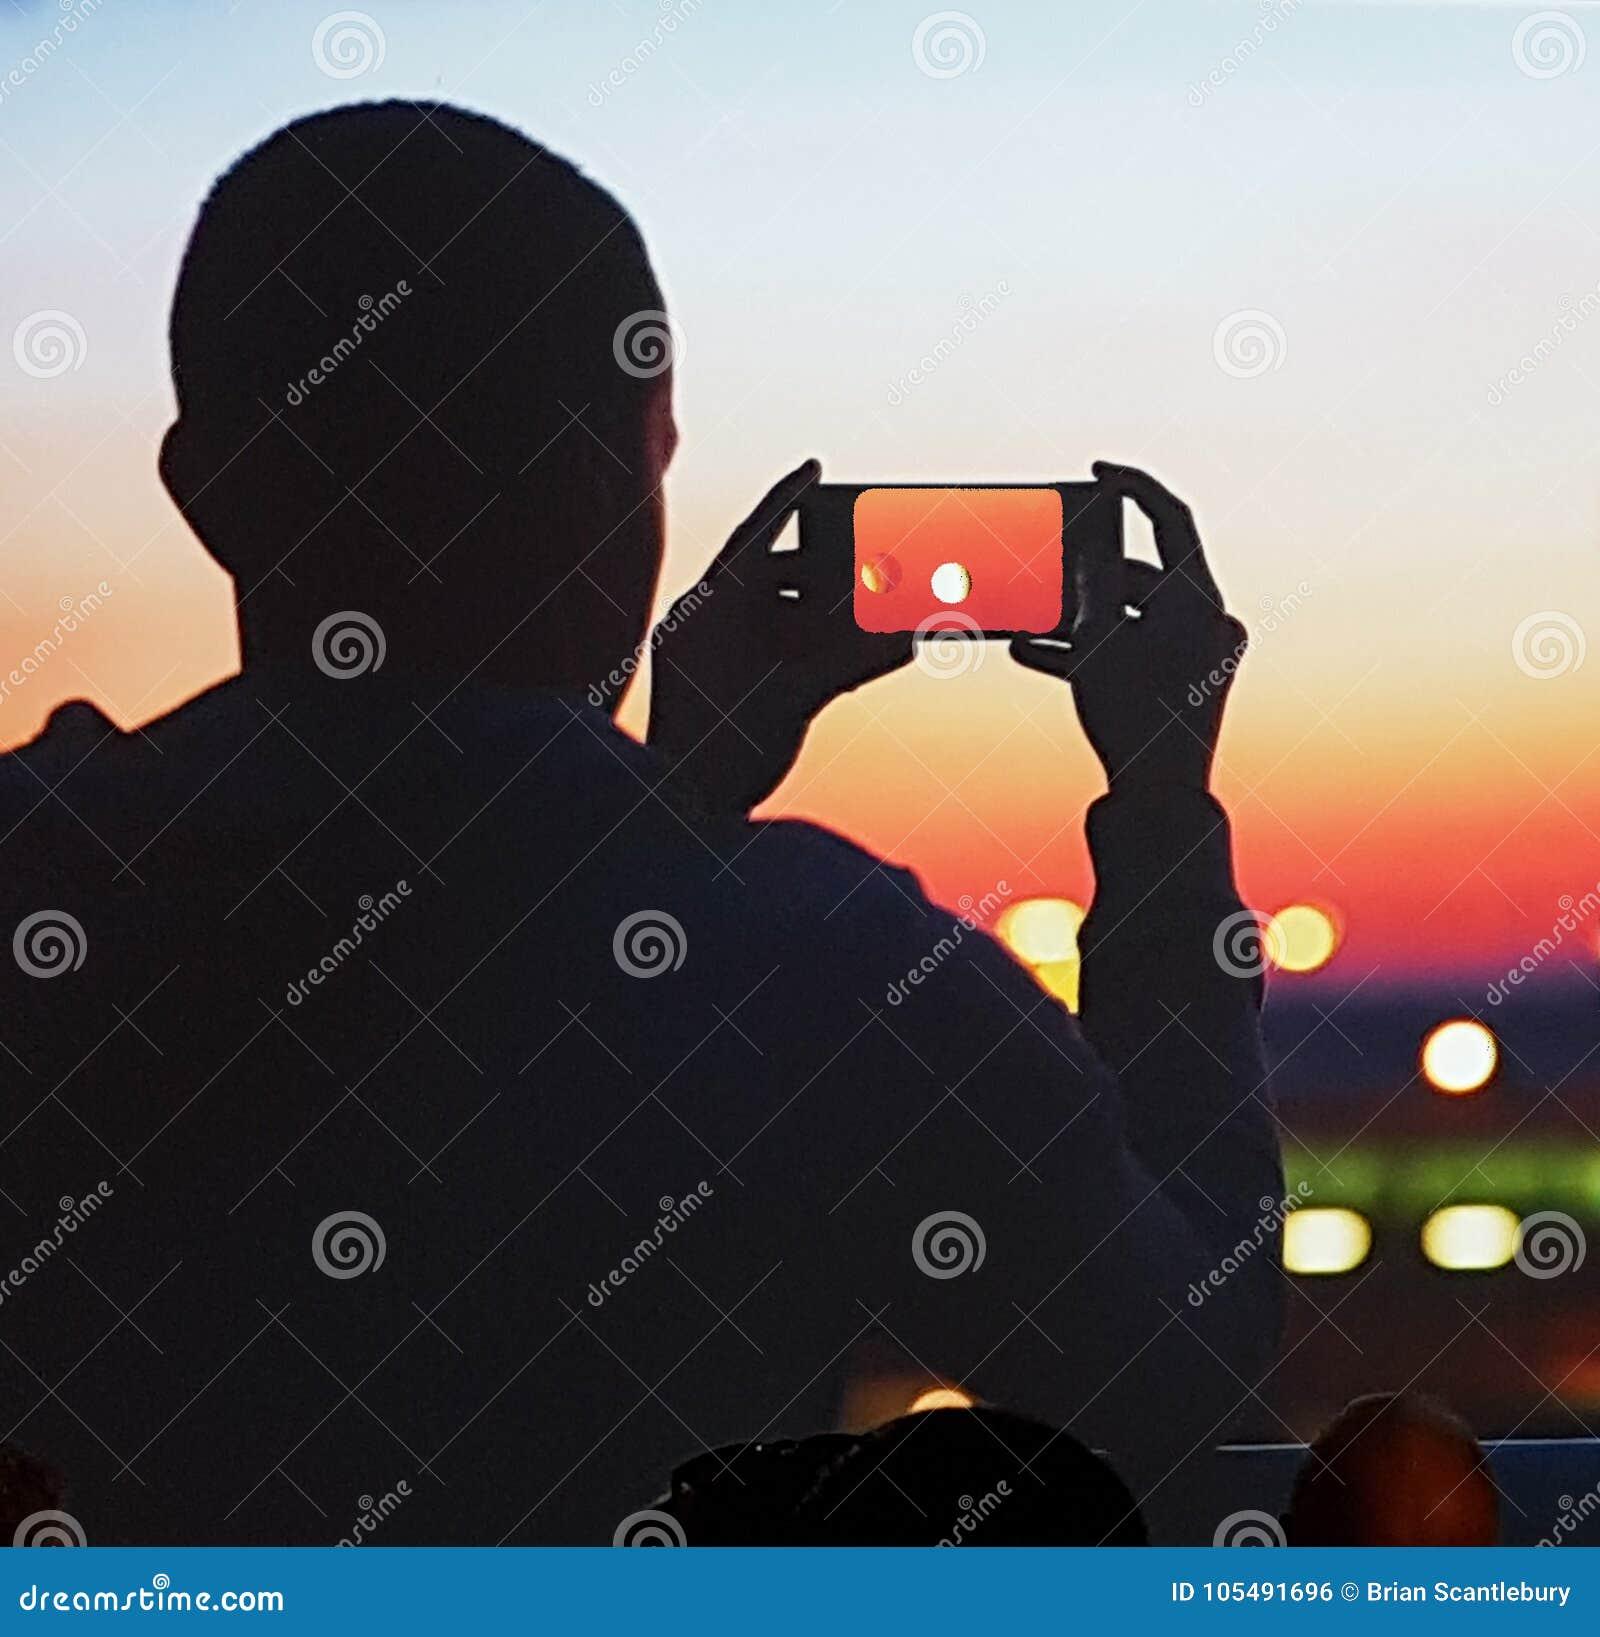 Korrelig mobiel telefoonbeeld van de gesilhouetteerde mens die foto van zon nemen